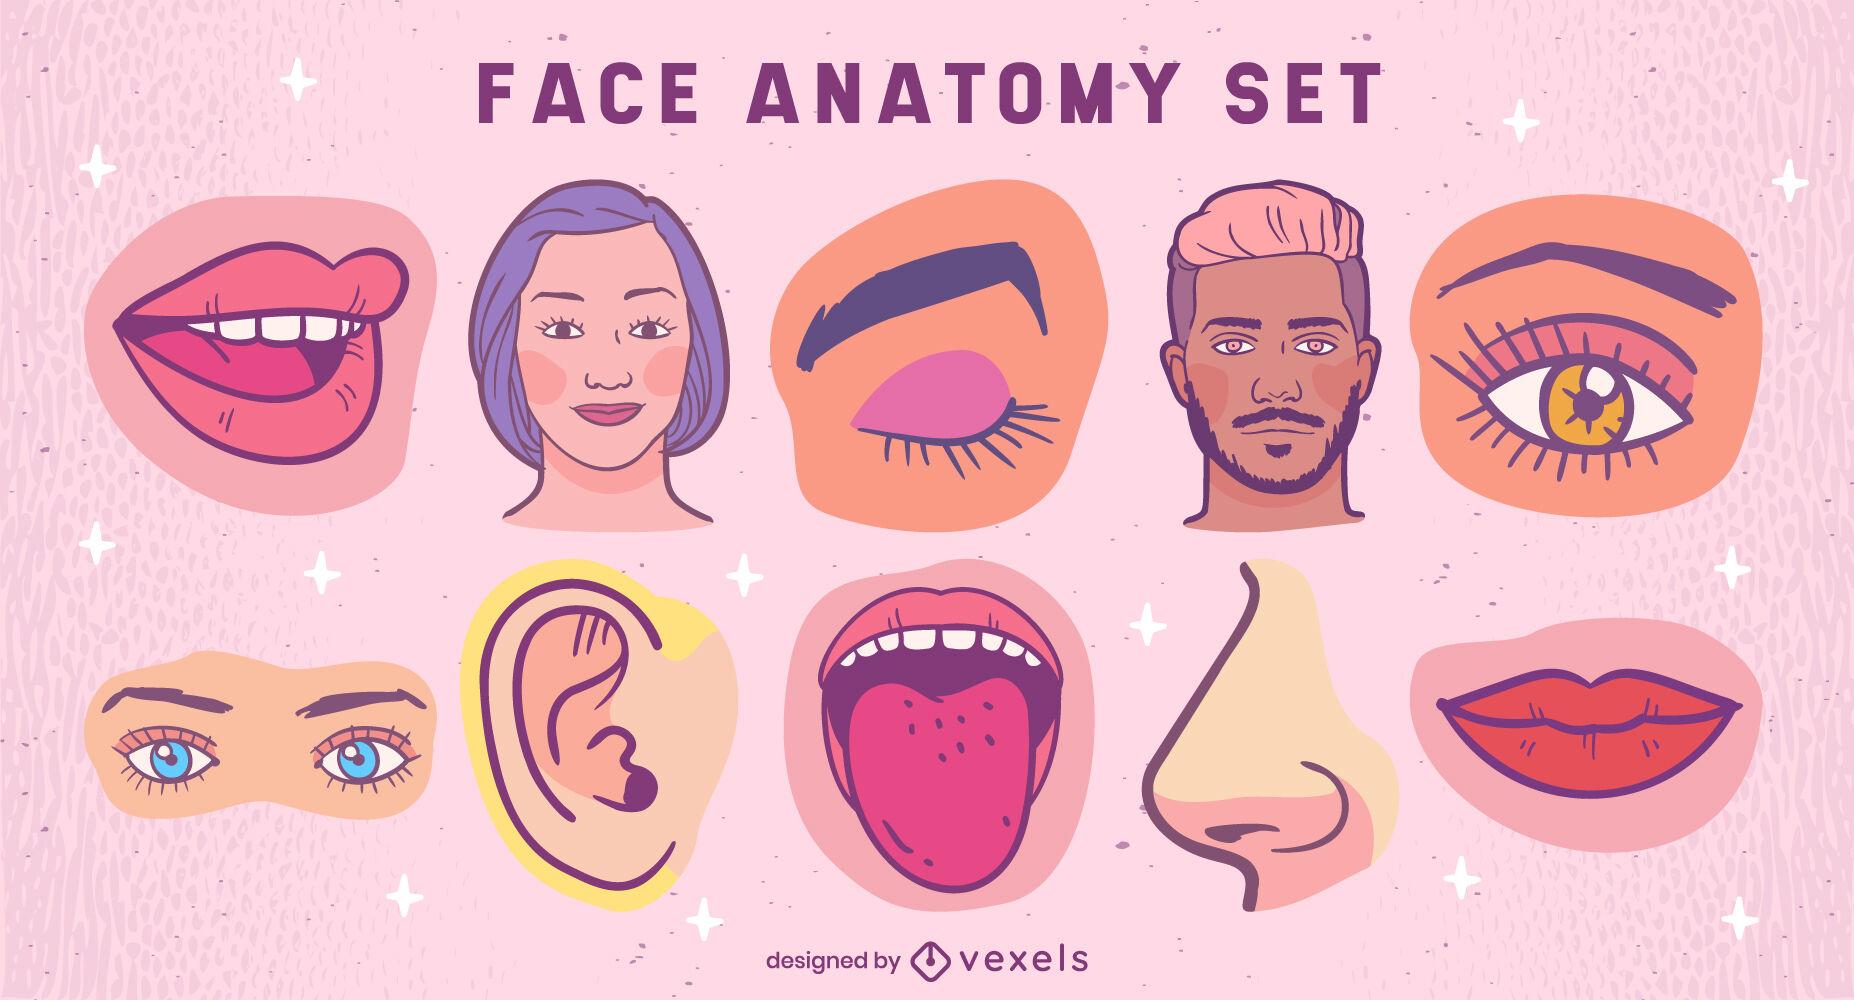 Gesichtsanatomie Illustrationen Set